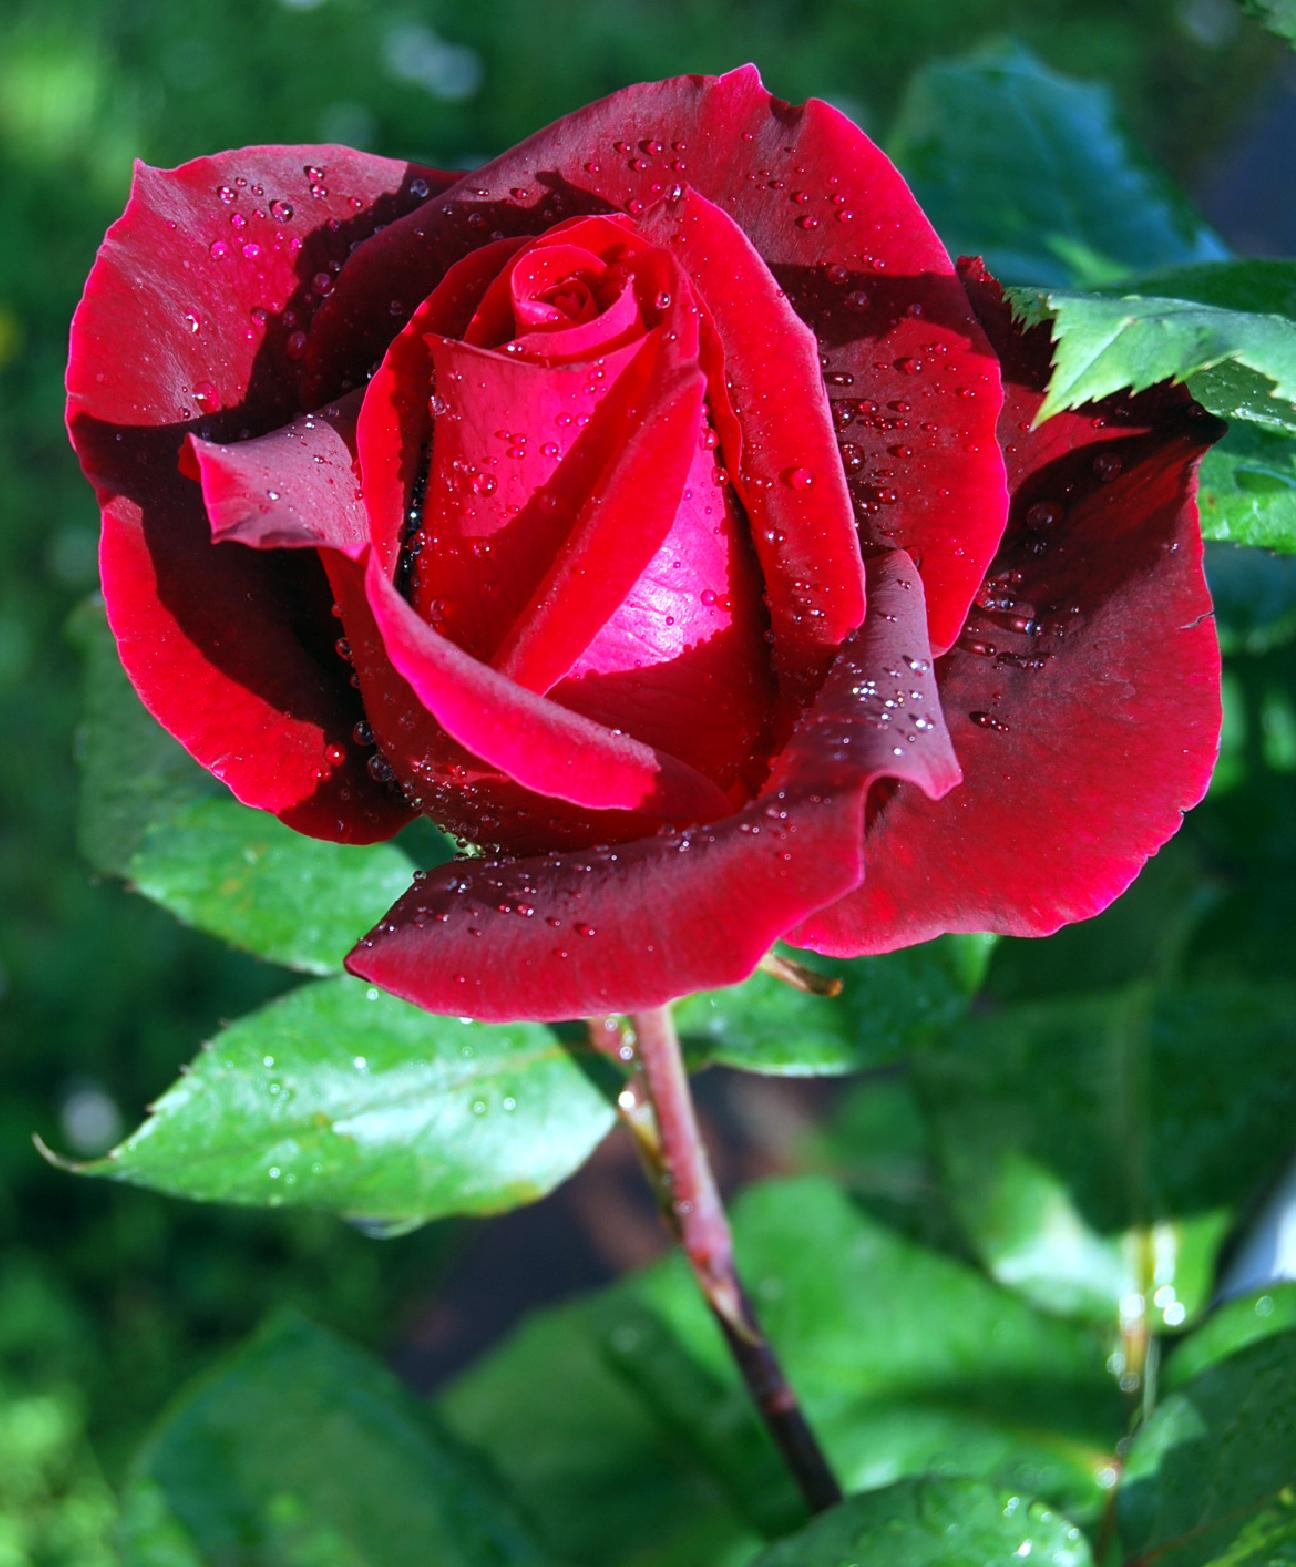 Imágenes de rosas de amor con movimiento y brillo GIF - Imagenes De Rosas Muy Bellas